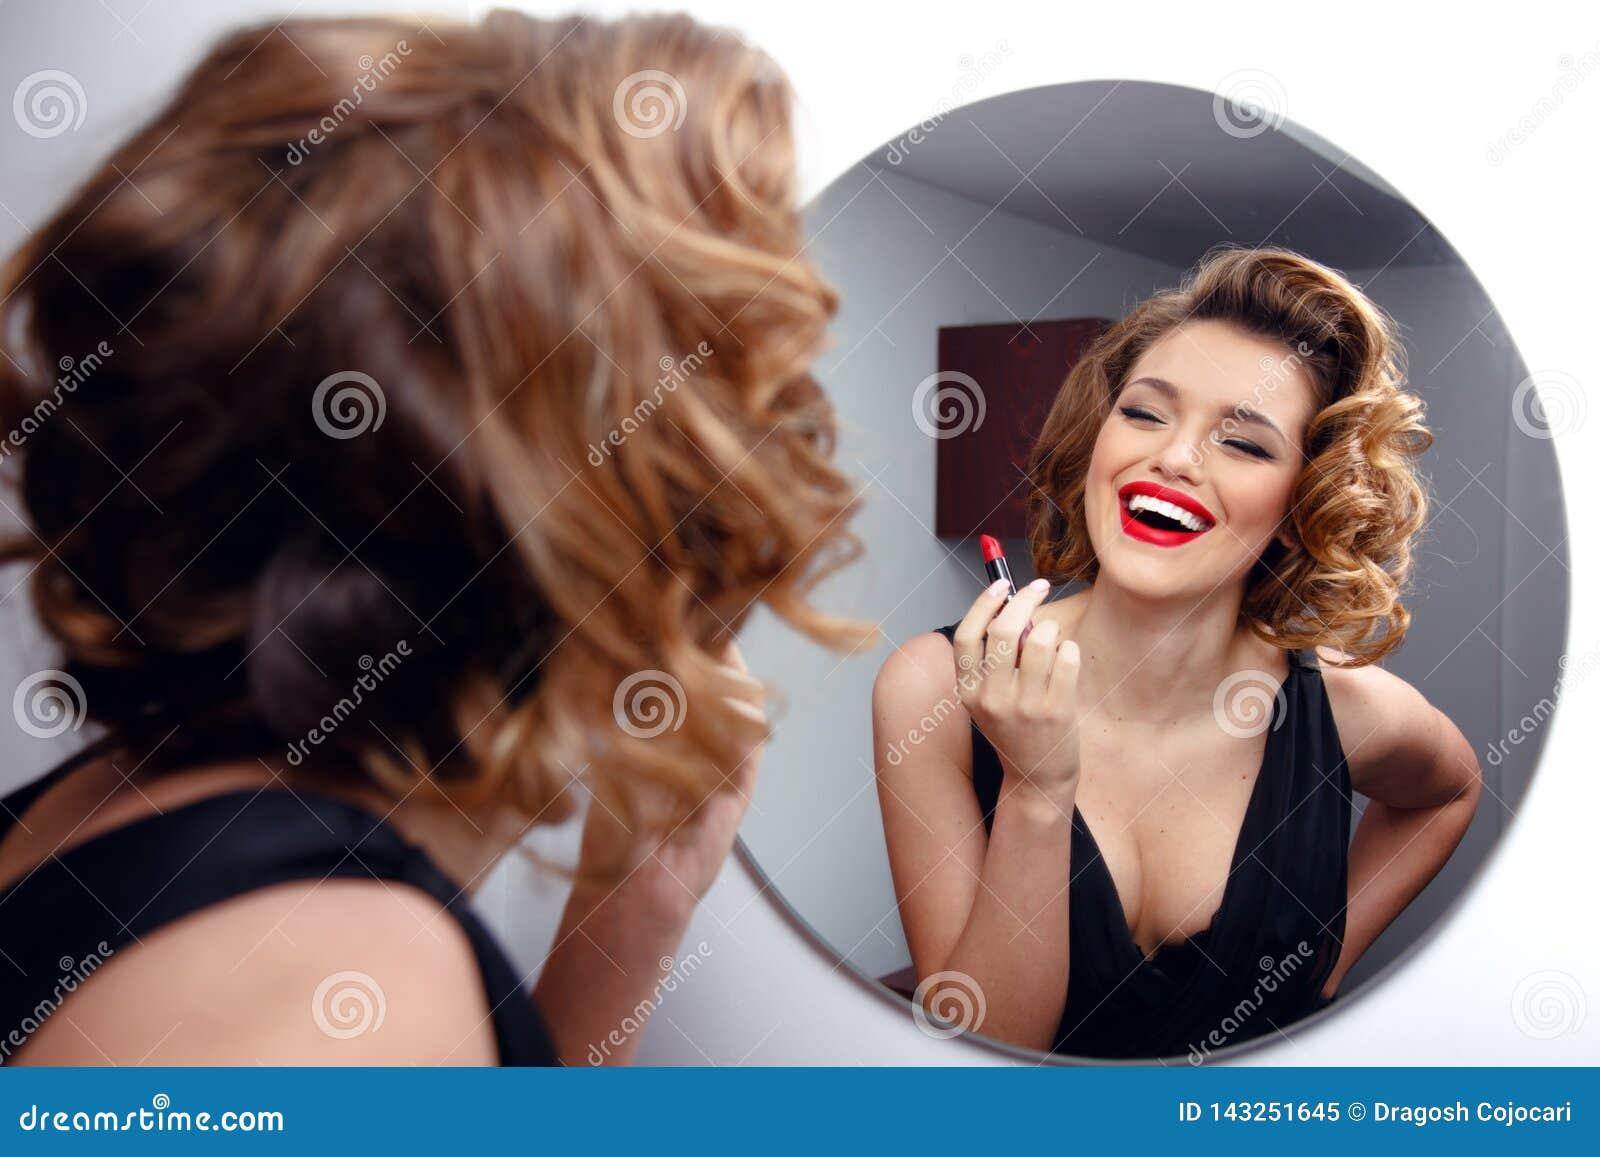 La mujer joven sonriente hermosa con perfecto compone, los labios rojos, peinado retro en el vestido negro, mirando en espejo